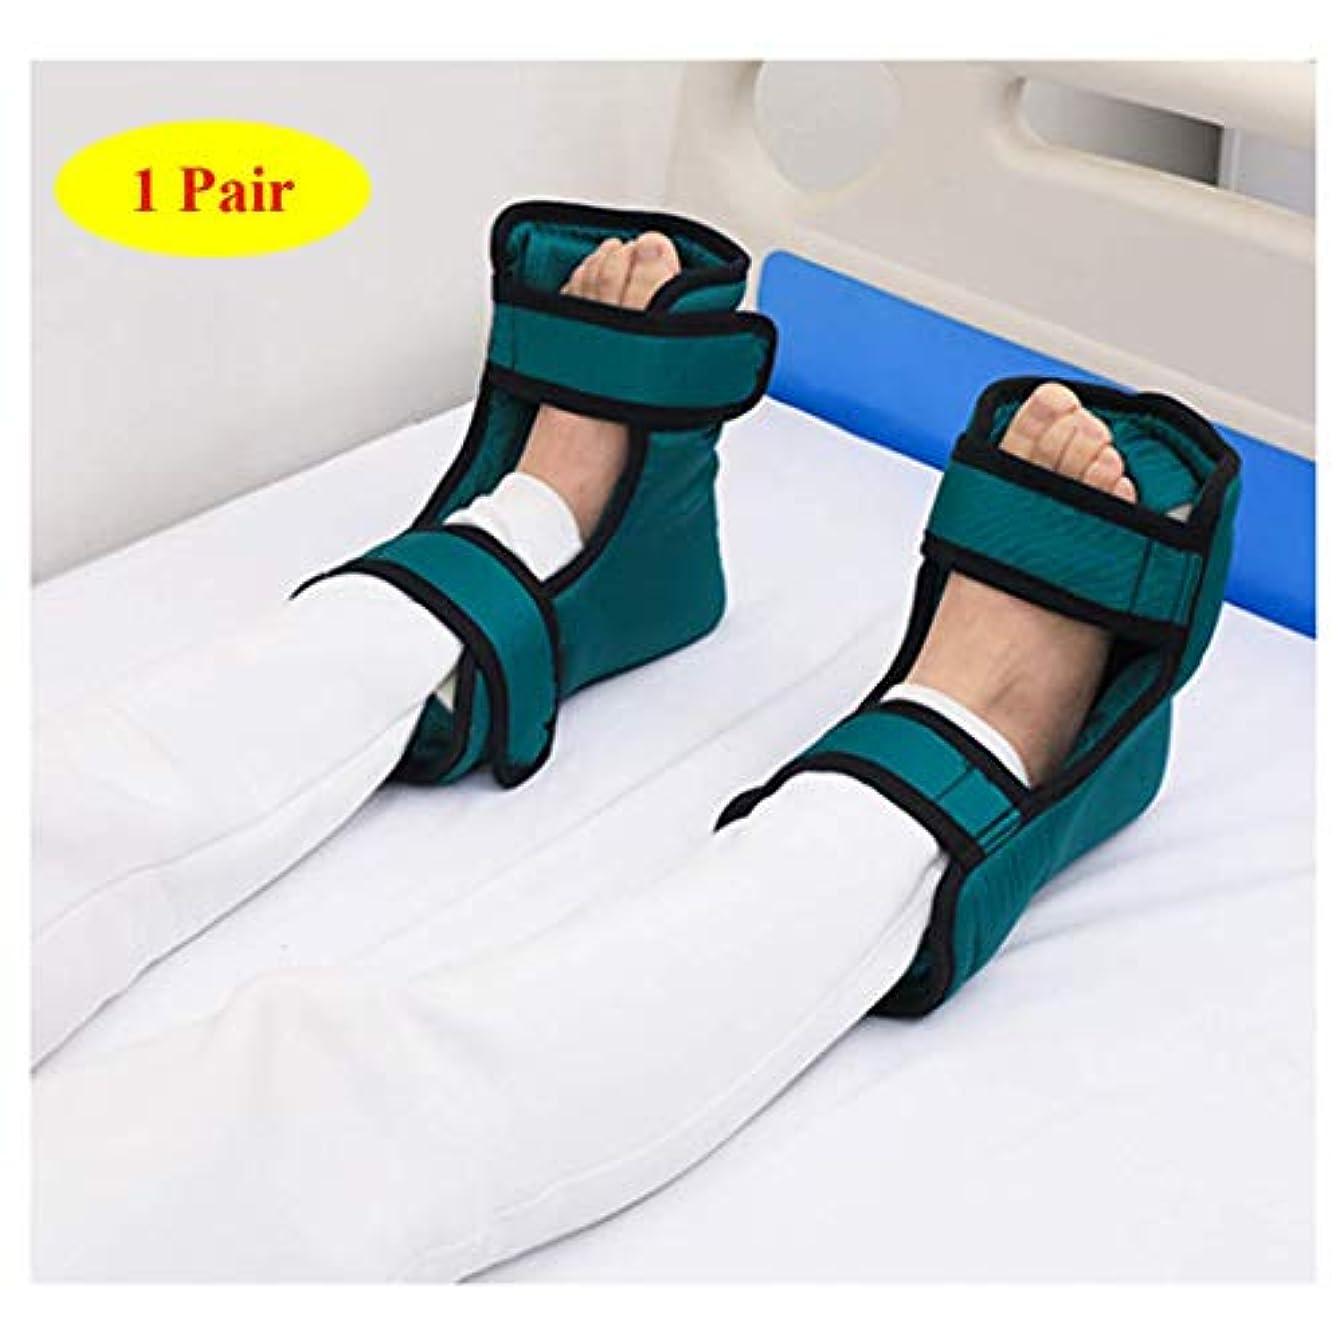 一握りタイマー怪物床ずれ防止ヒールプロテクター枕、患者ケアヒールパッド足首プロテクタークッション、効果的なPressure瘡。